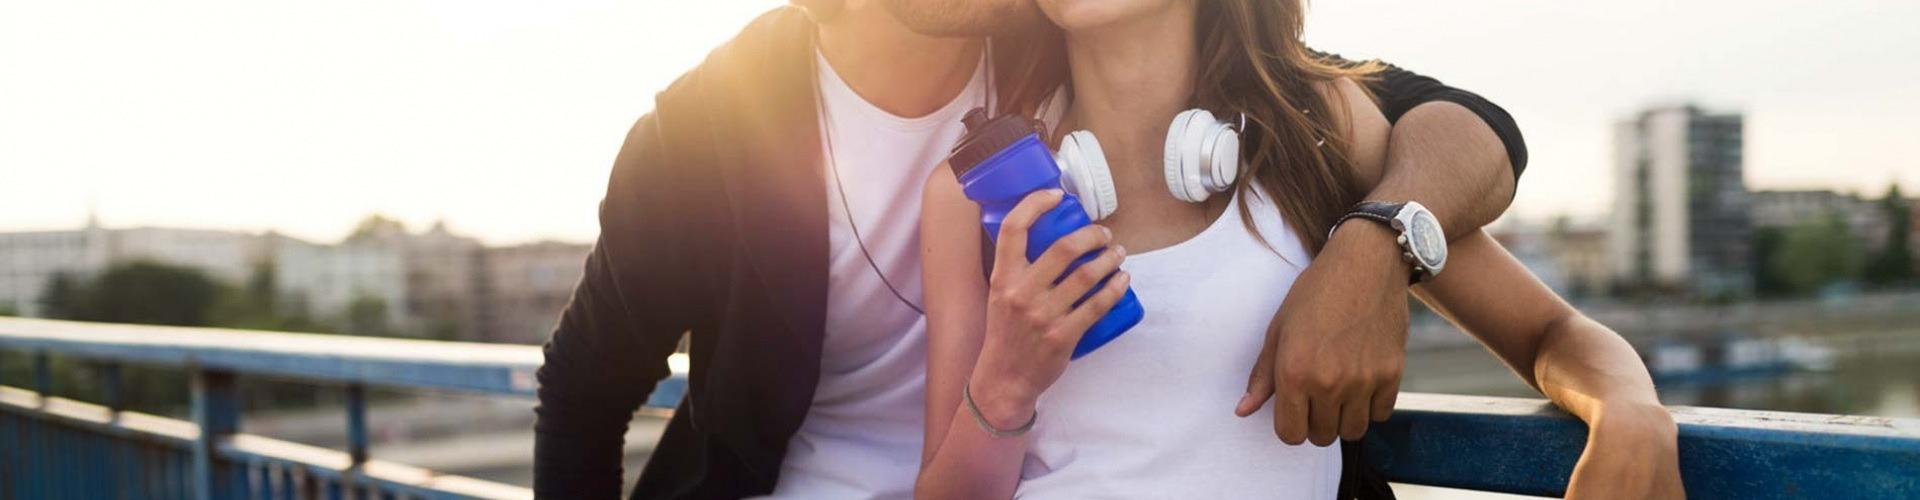 Hogy őrizhetjük meg szabadságunkat a párkapcsolatban?